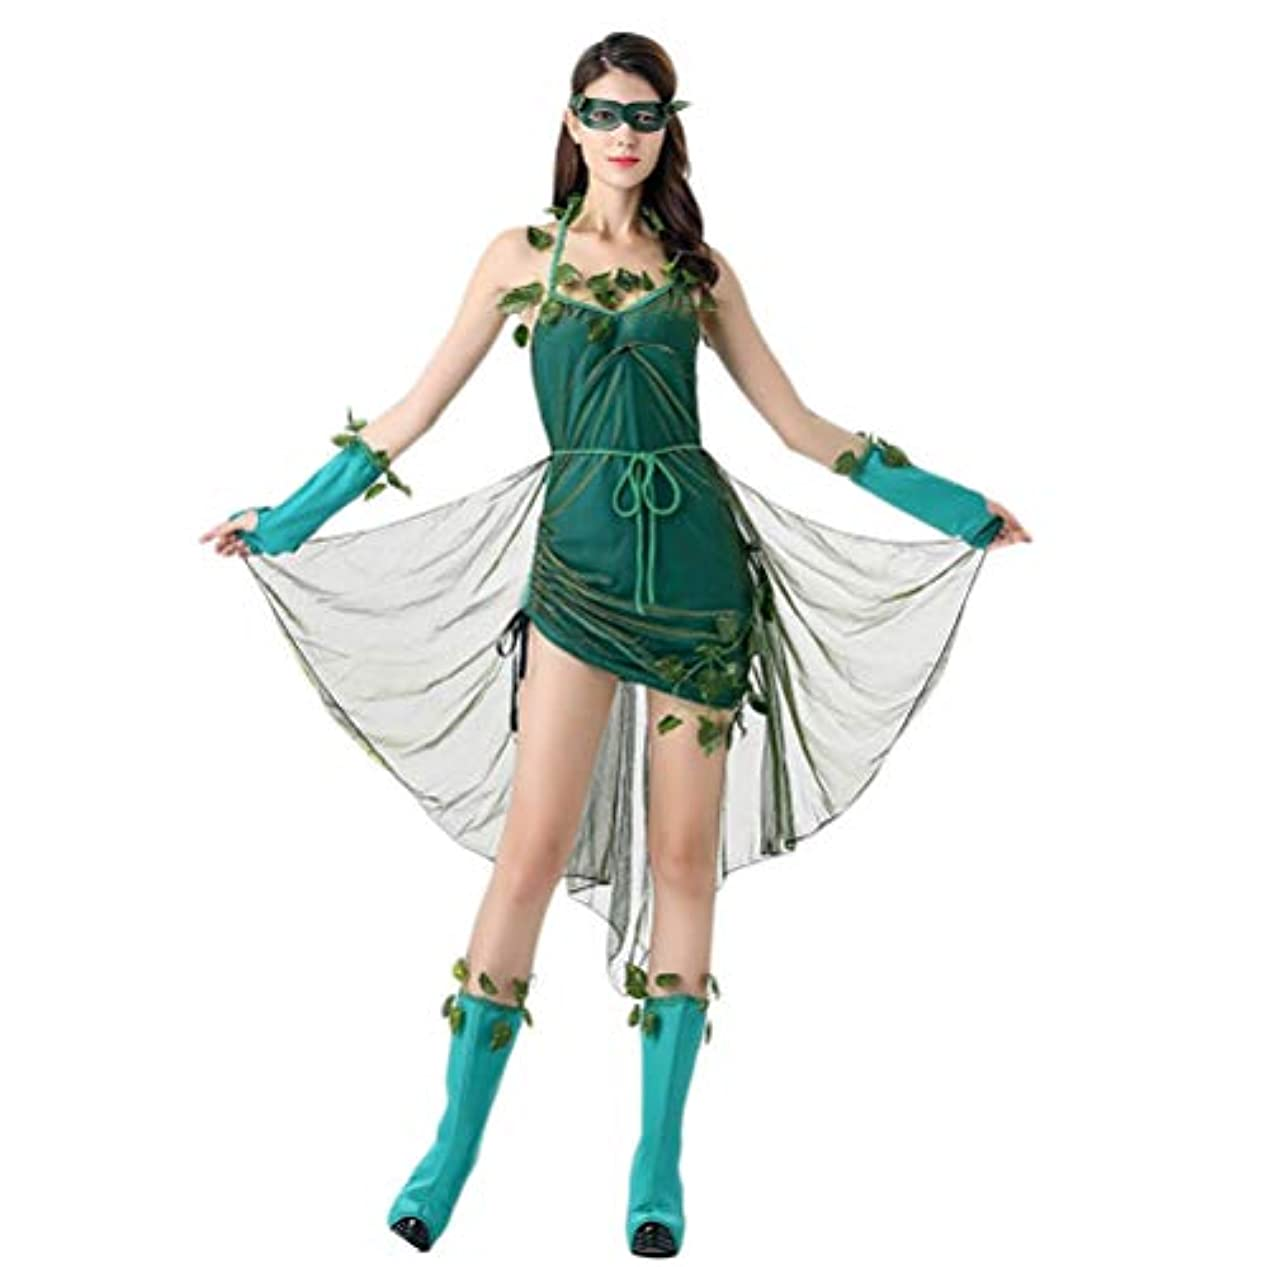 学部置き場文芸BESTOYARD ハロウィンステージの衣装美しいエルフの衣装森の悪魔の女神女性のコスプレ衣装ユニフォームパーティードレススーツ